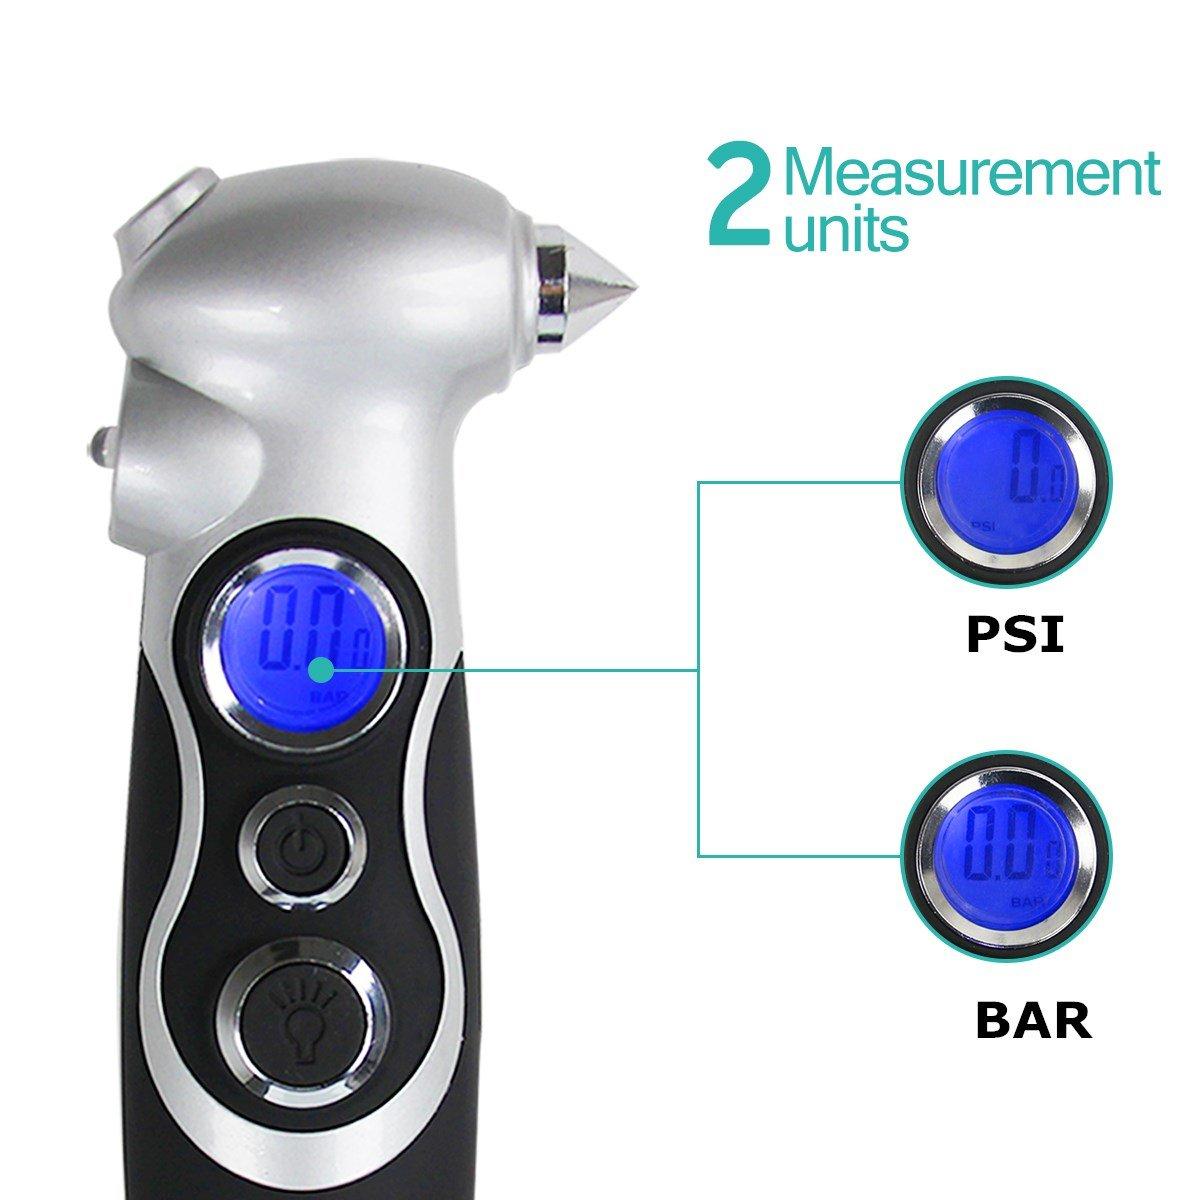 Reifendruckprüfer Digital Luftdruckprüfer Reifendruckmesser mit Reifendruck LCD Display für LKW Fahrräder Motorräder Autos